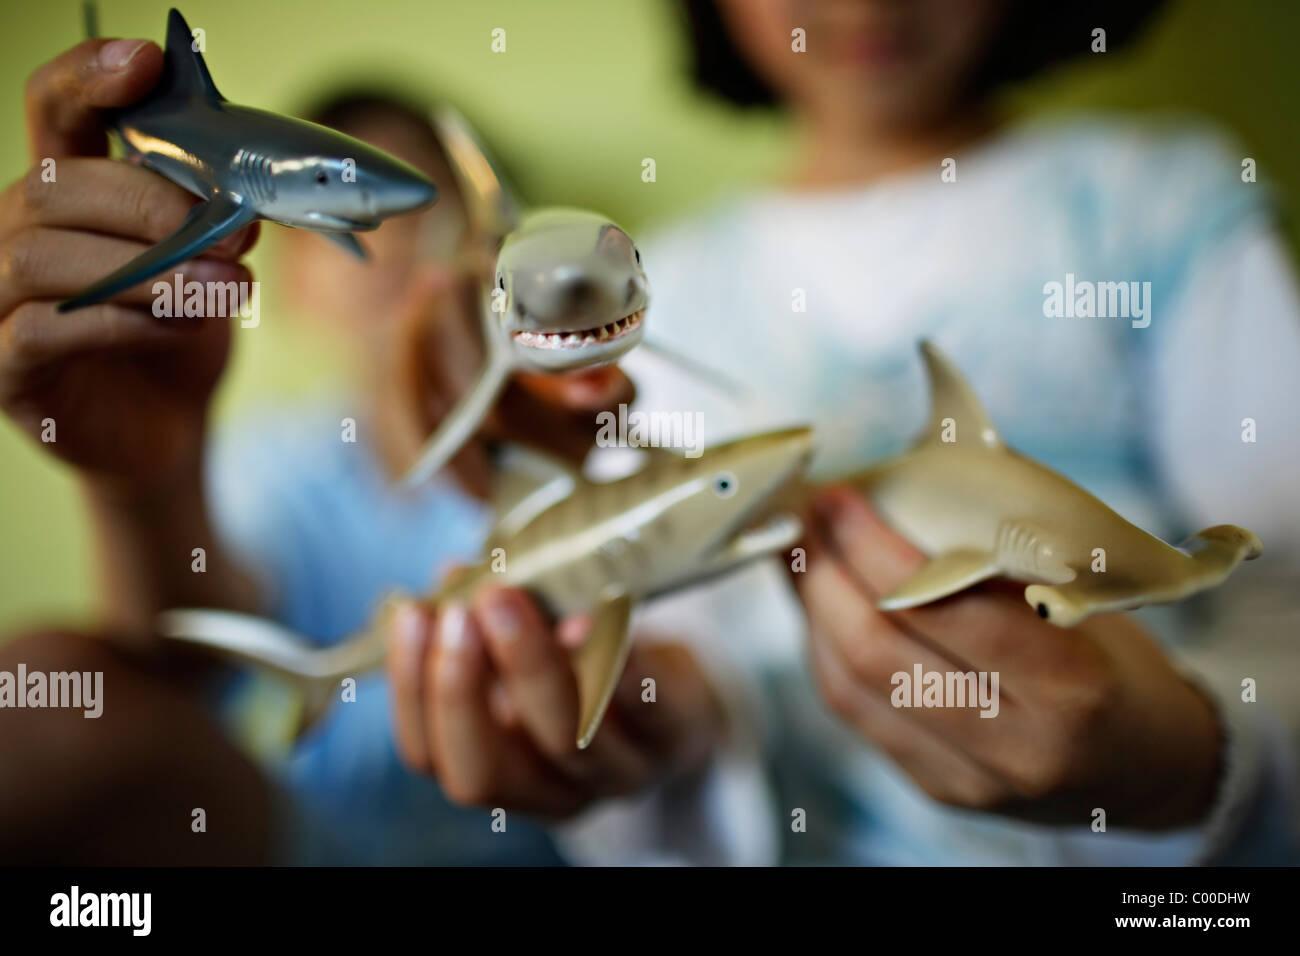 Los niños sostienen los tiburones de juguete Imagen De Stock